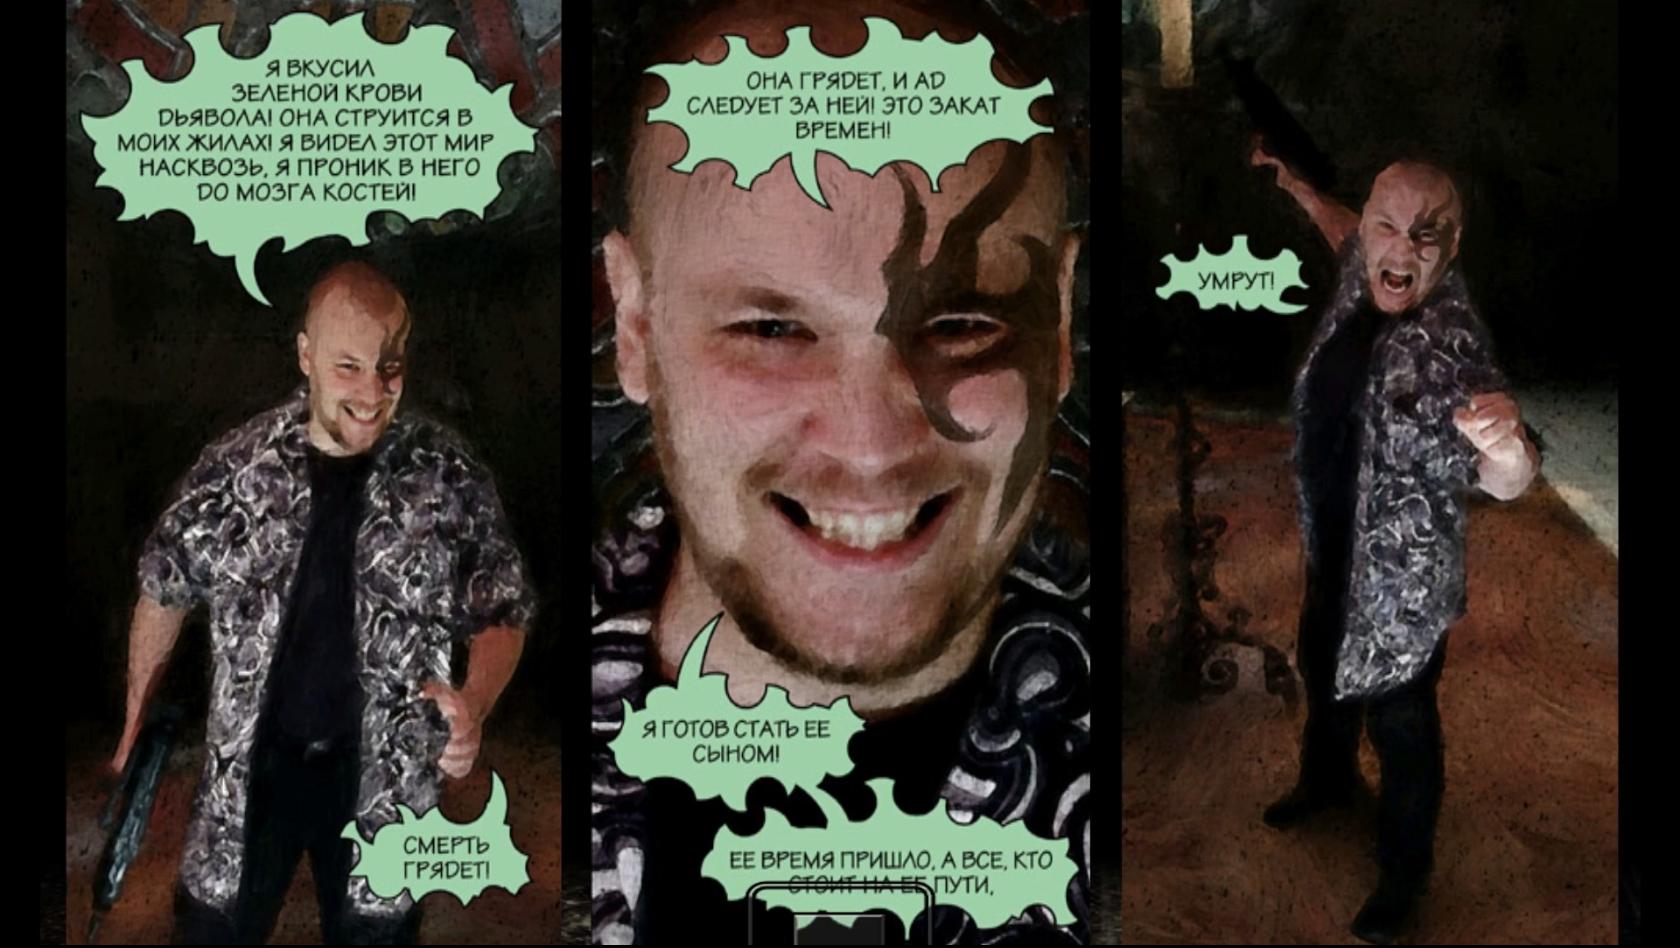 Философия мести   Ностальгический обзор игры Max Payne. - Изображение 12